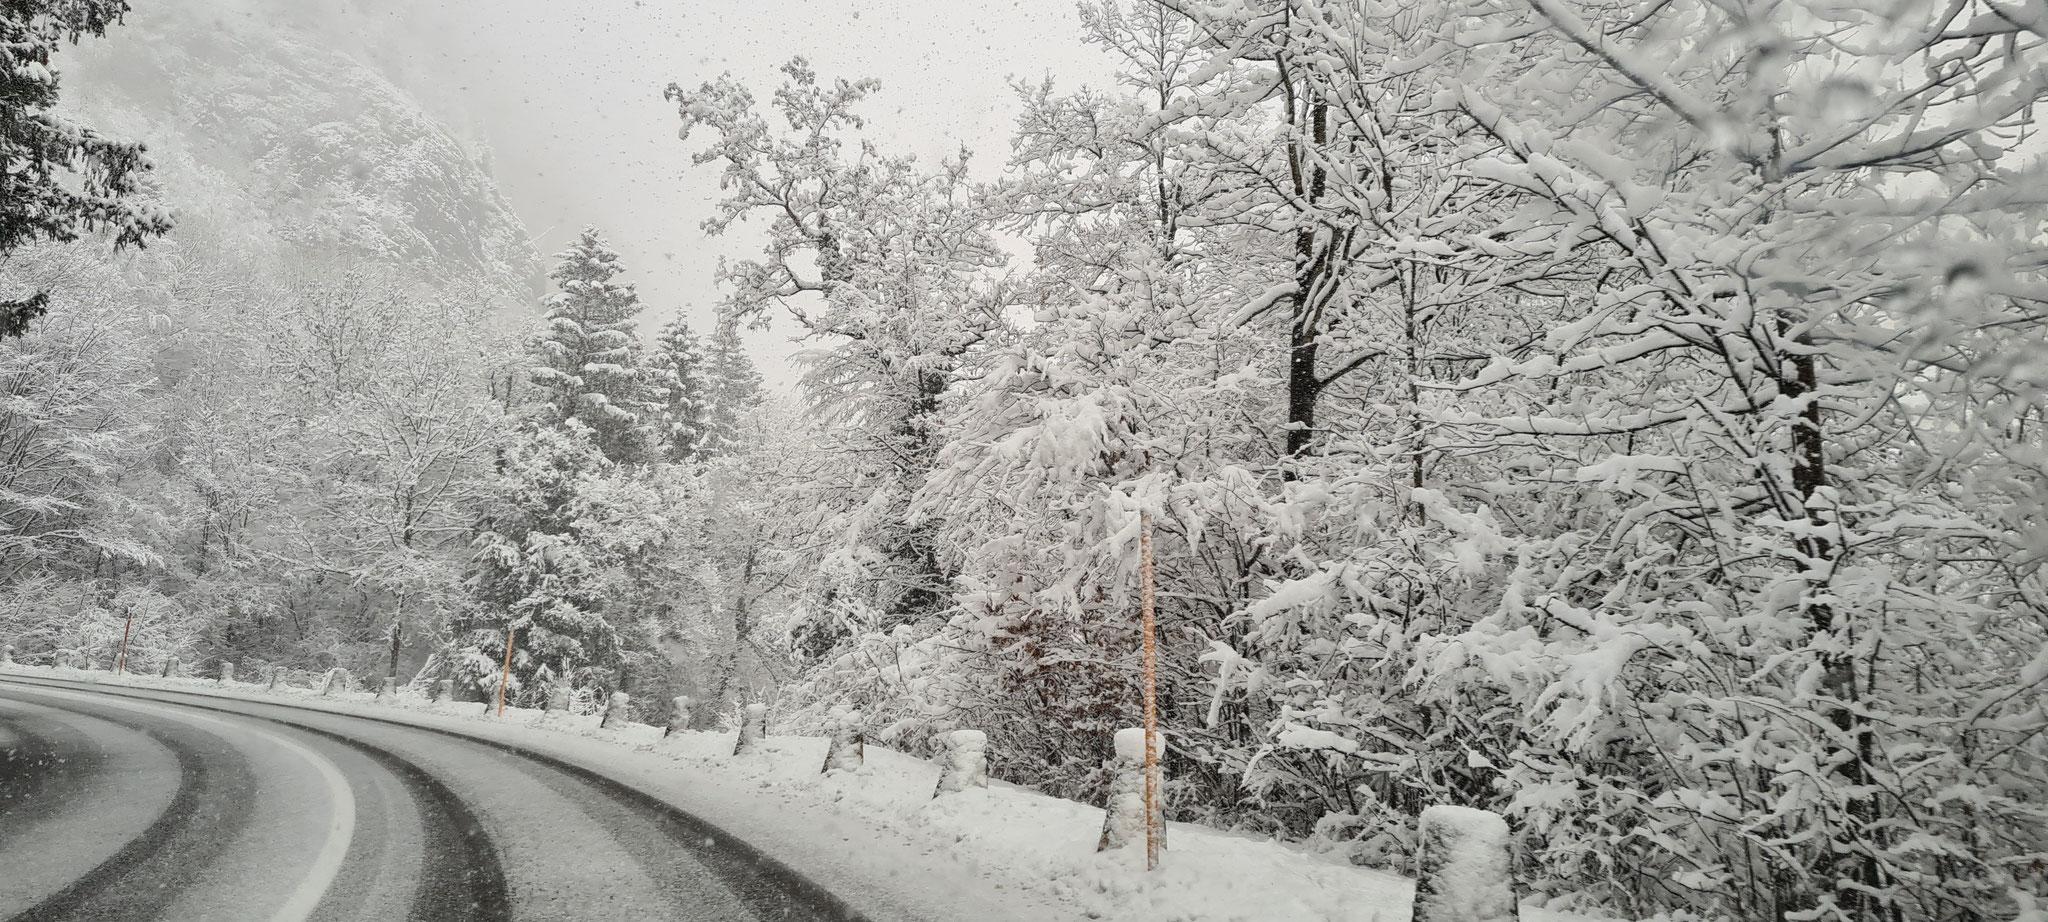 Endlich noch einmal mehr Winter...